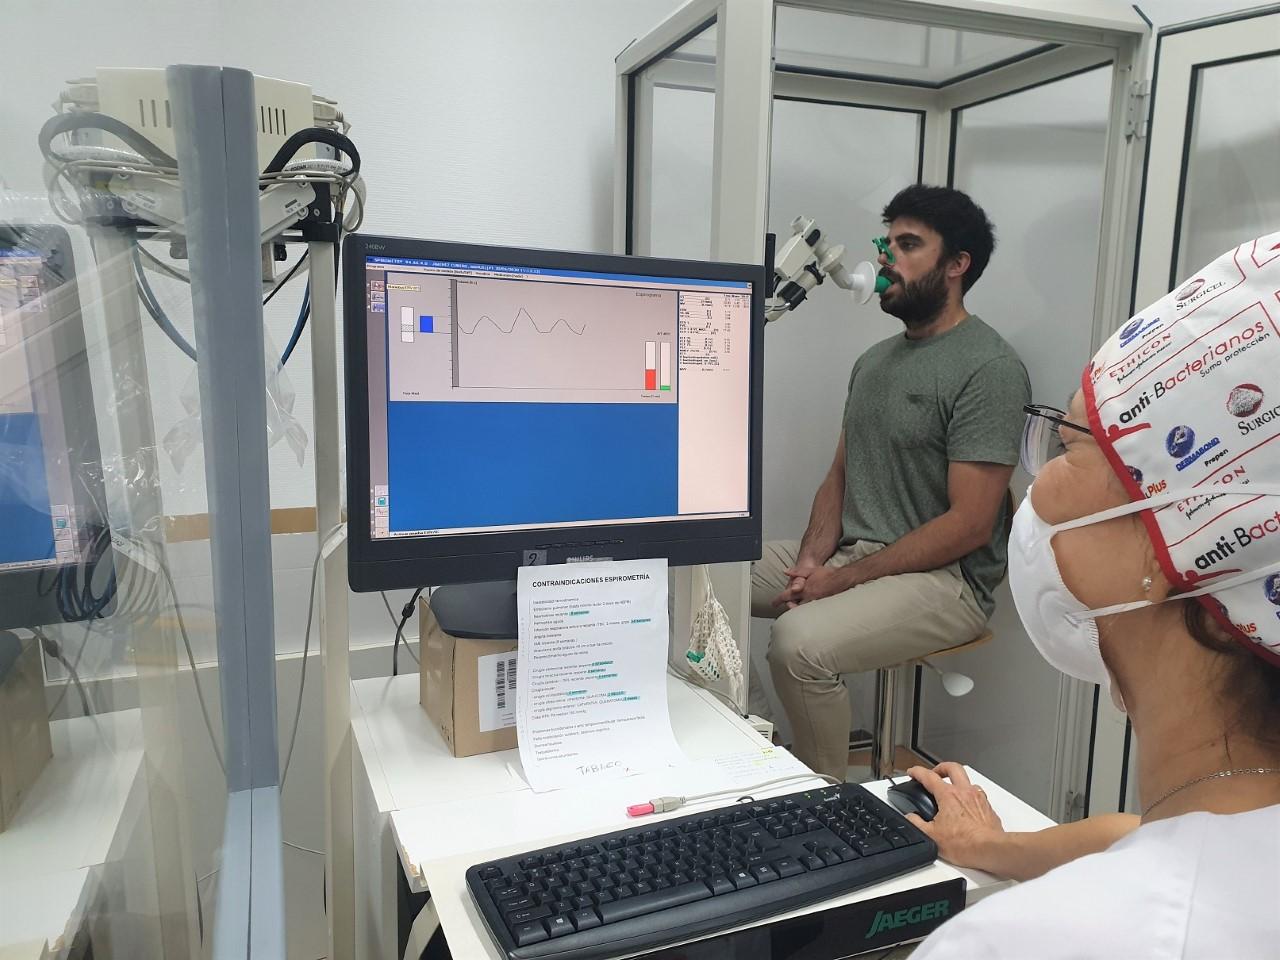 El Hospital Clínico realiza un seguimiento de pacientes que han tenido Covid-19 para detectar posibles secuelas respiratorias